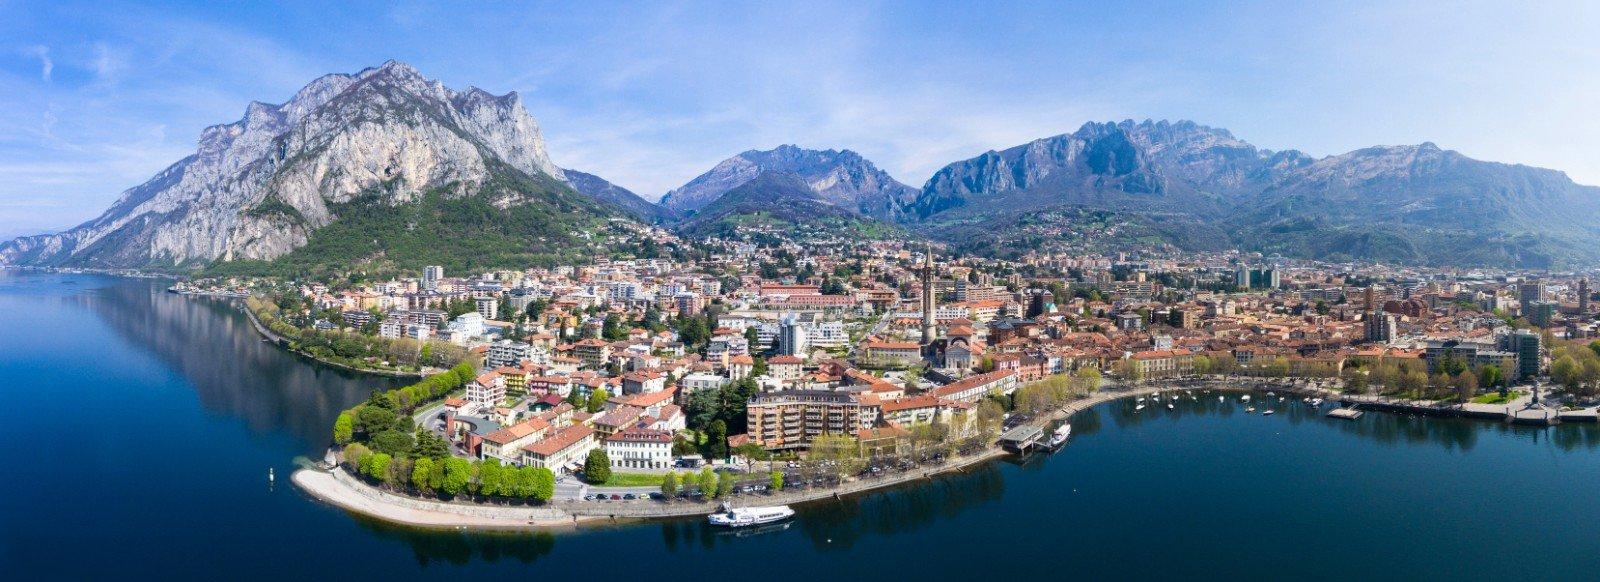 La città di Lecco sulle rive del lago di Como